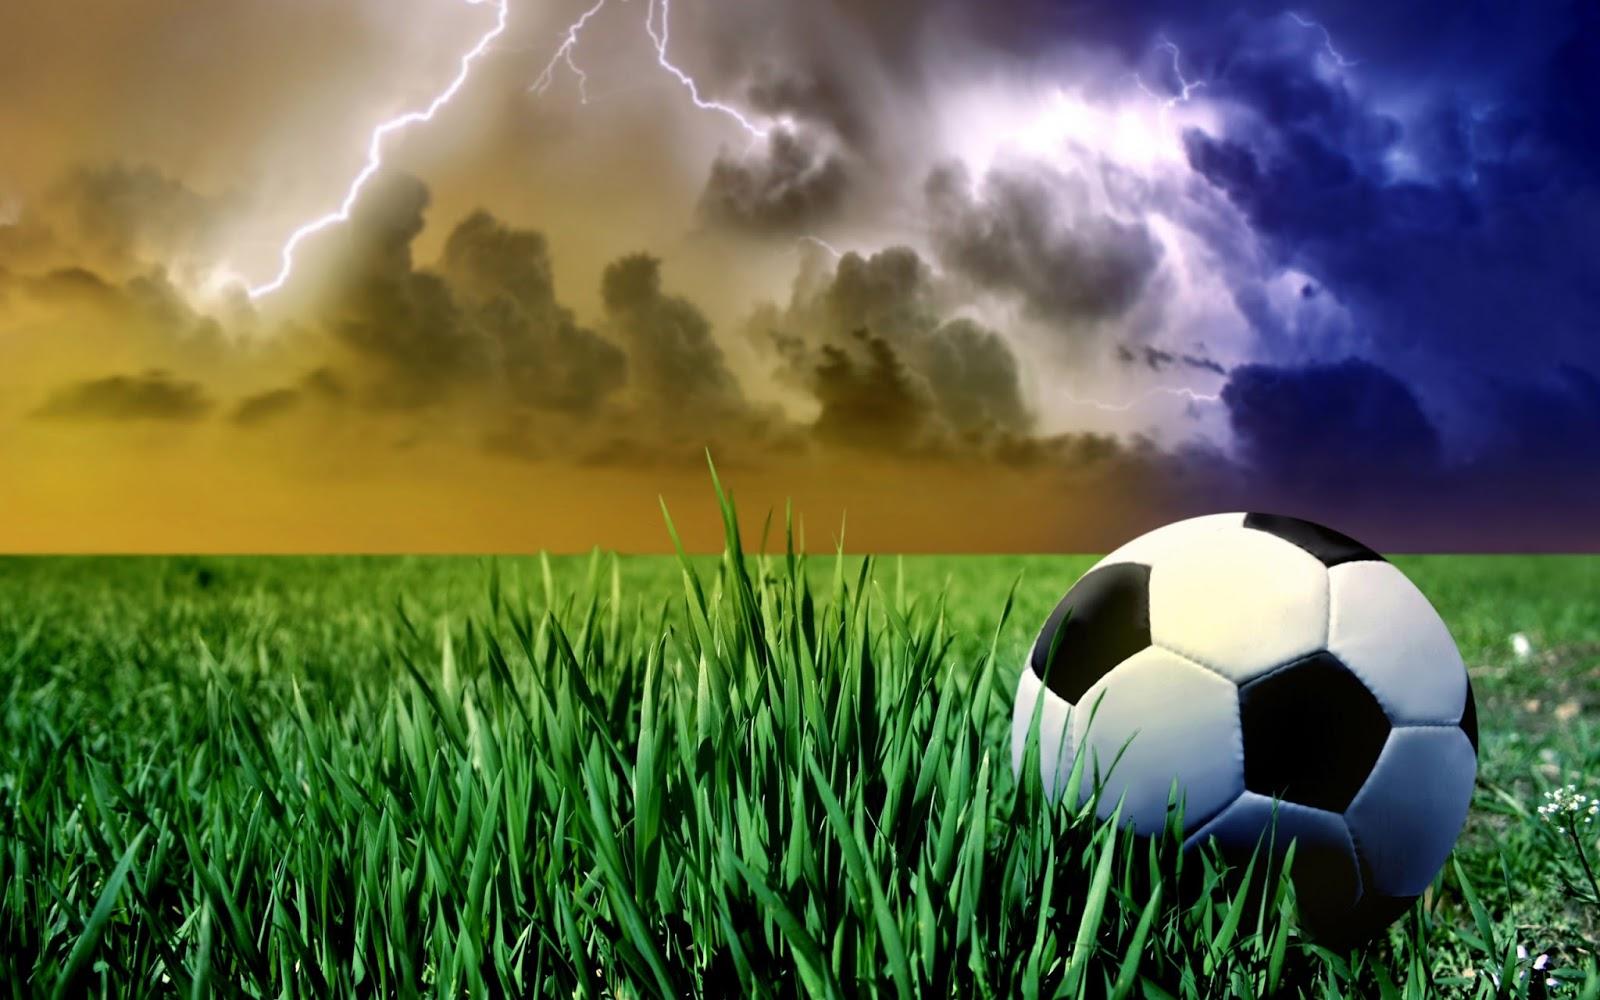 Descargar fondos de pantalla en hd fondos de pantalla de for Fondos de pantalla de futbol para celular